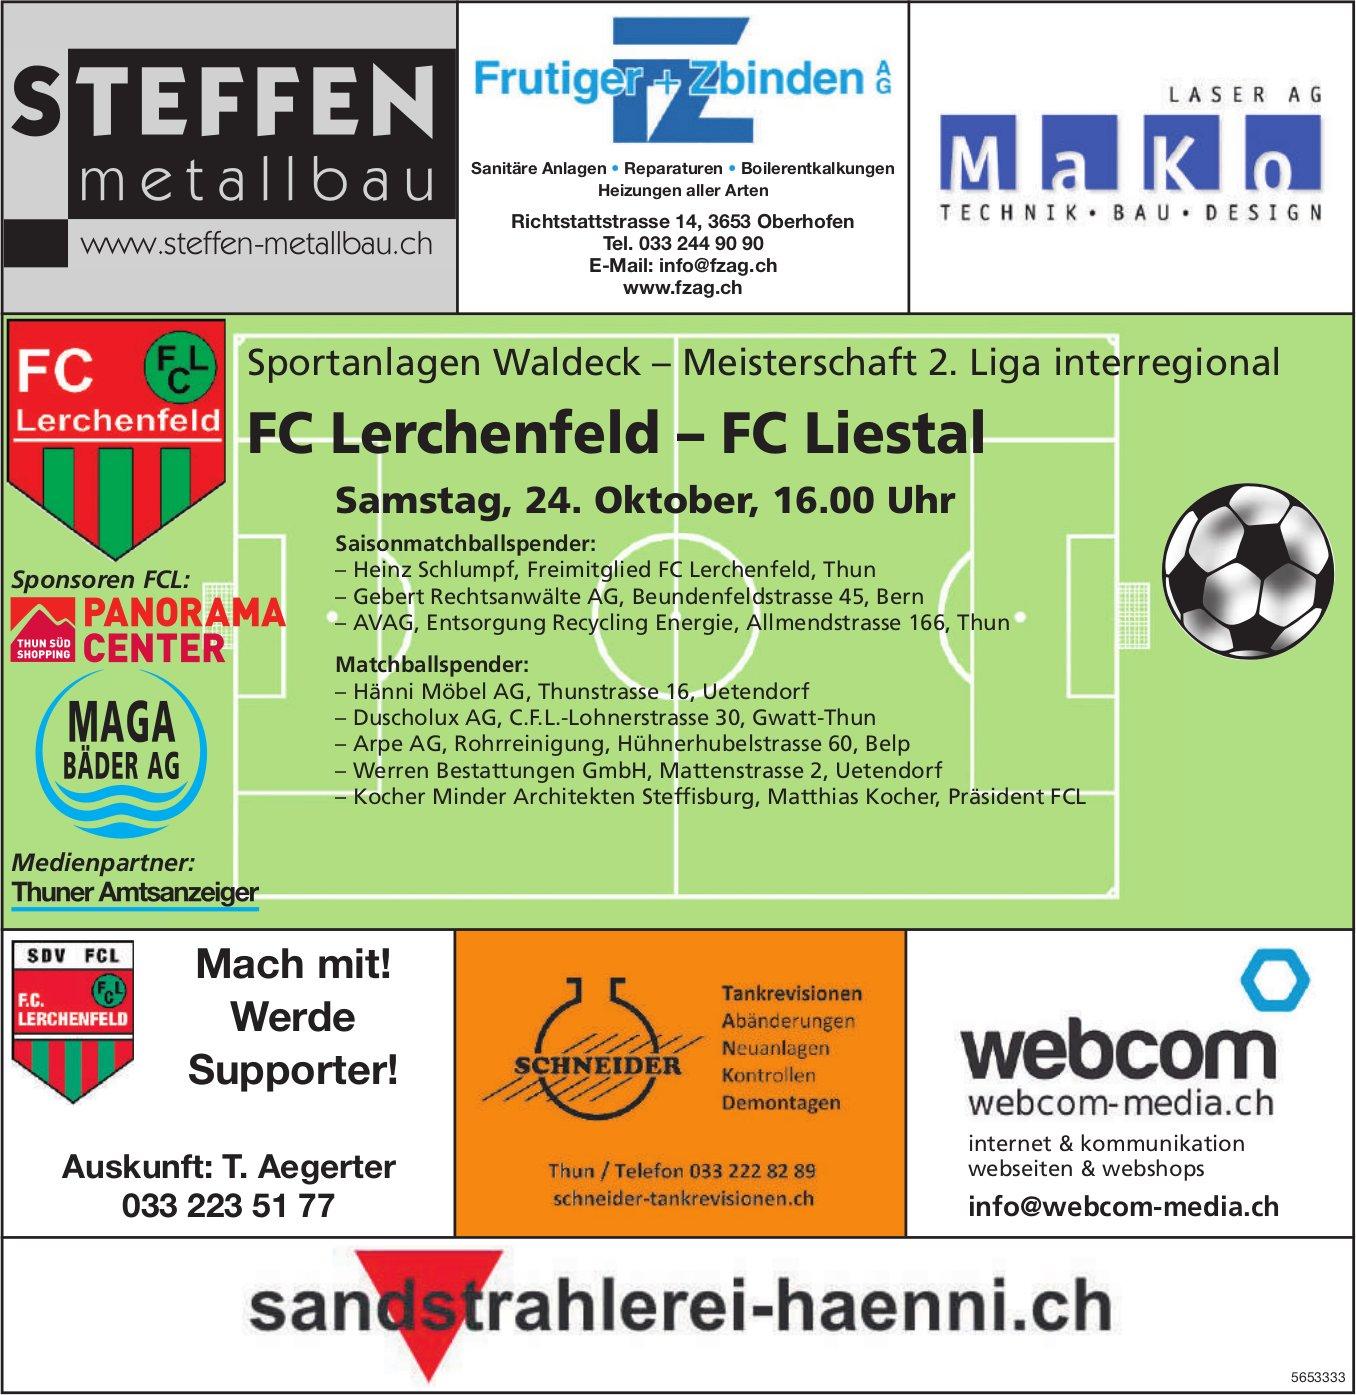 Meisterschaft 2. Liga interregional - FC Lerchenfeld–FC Liestal, 24. Oktober